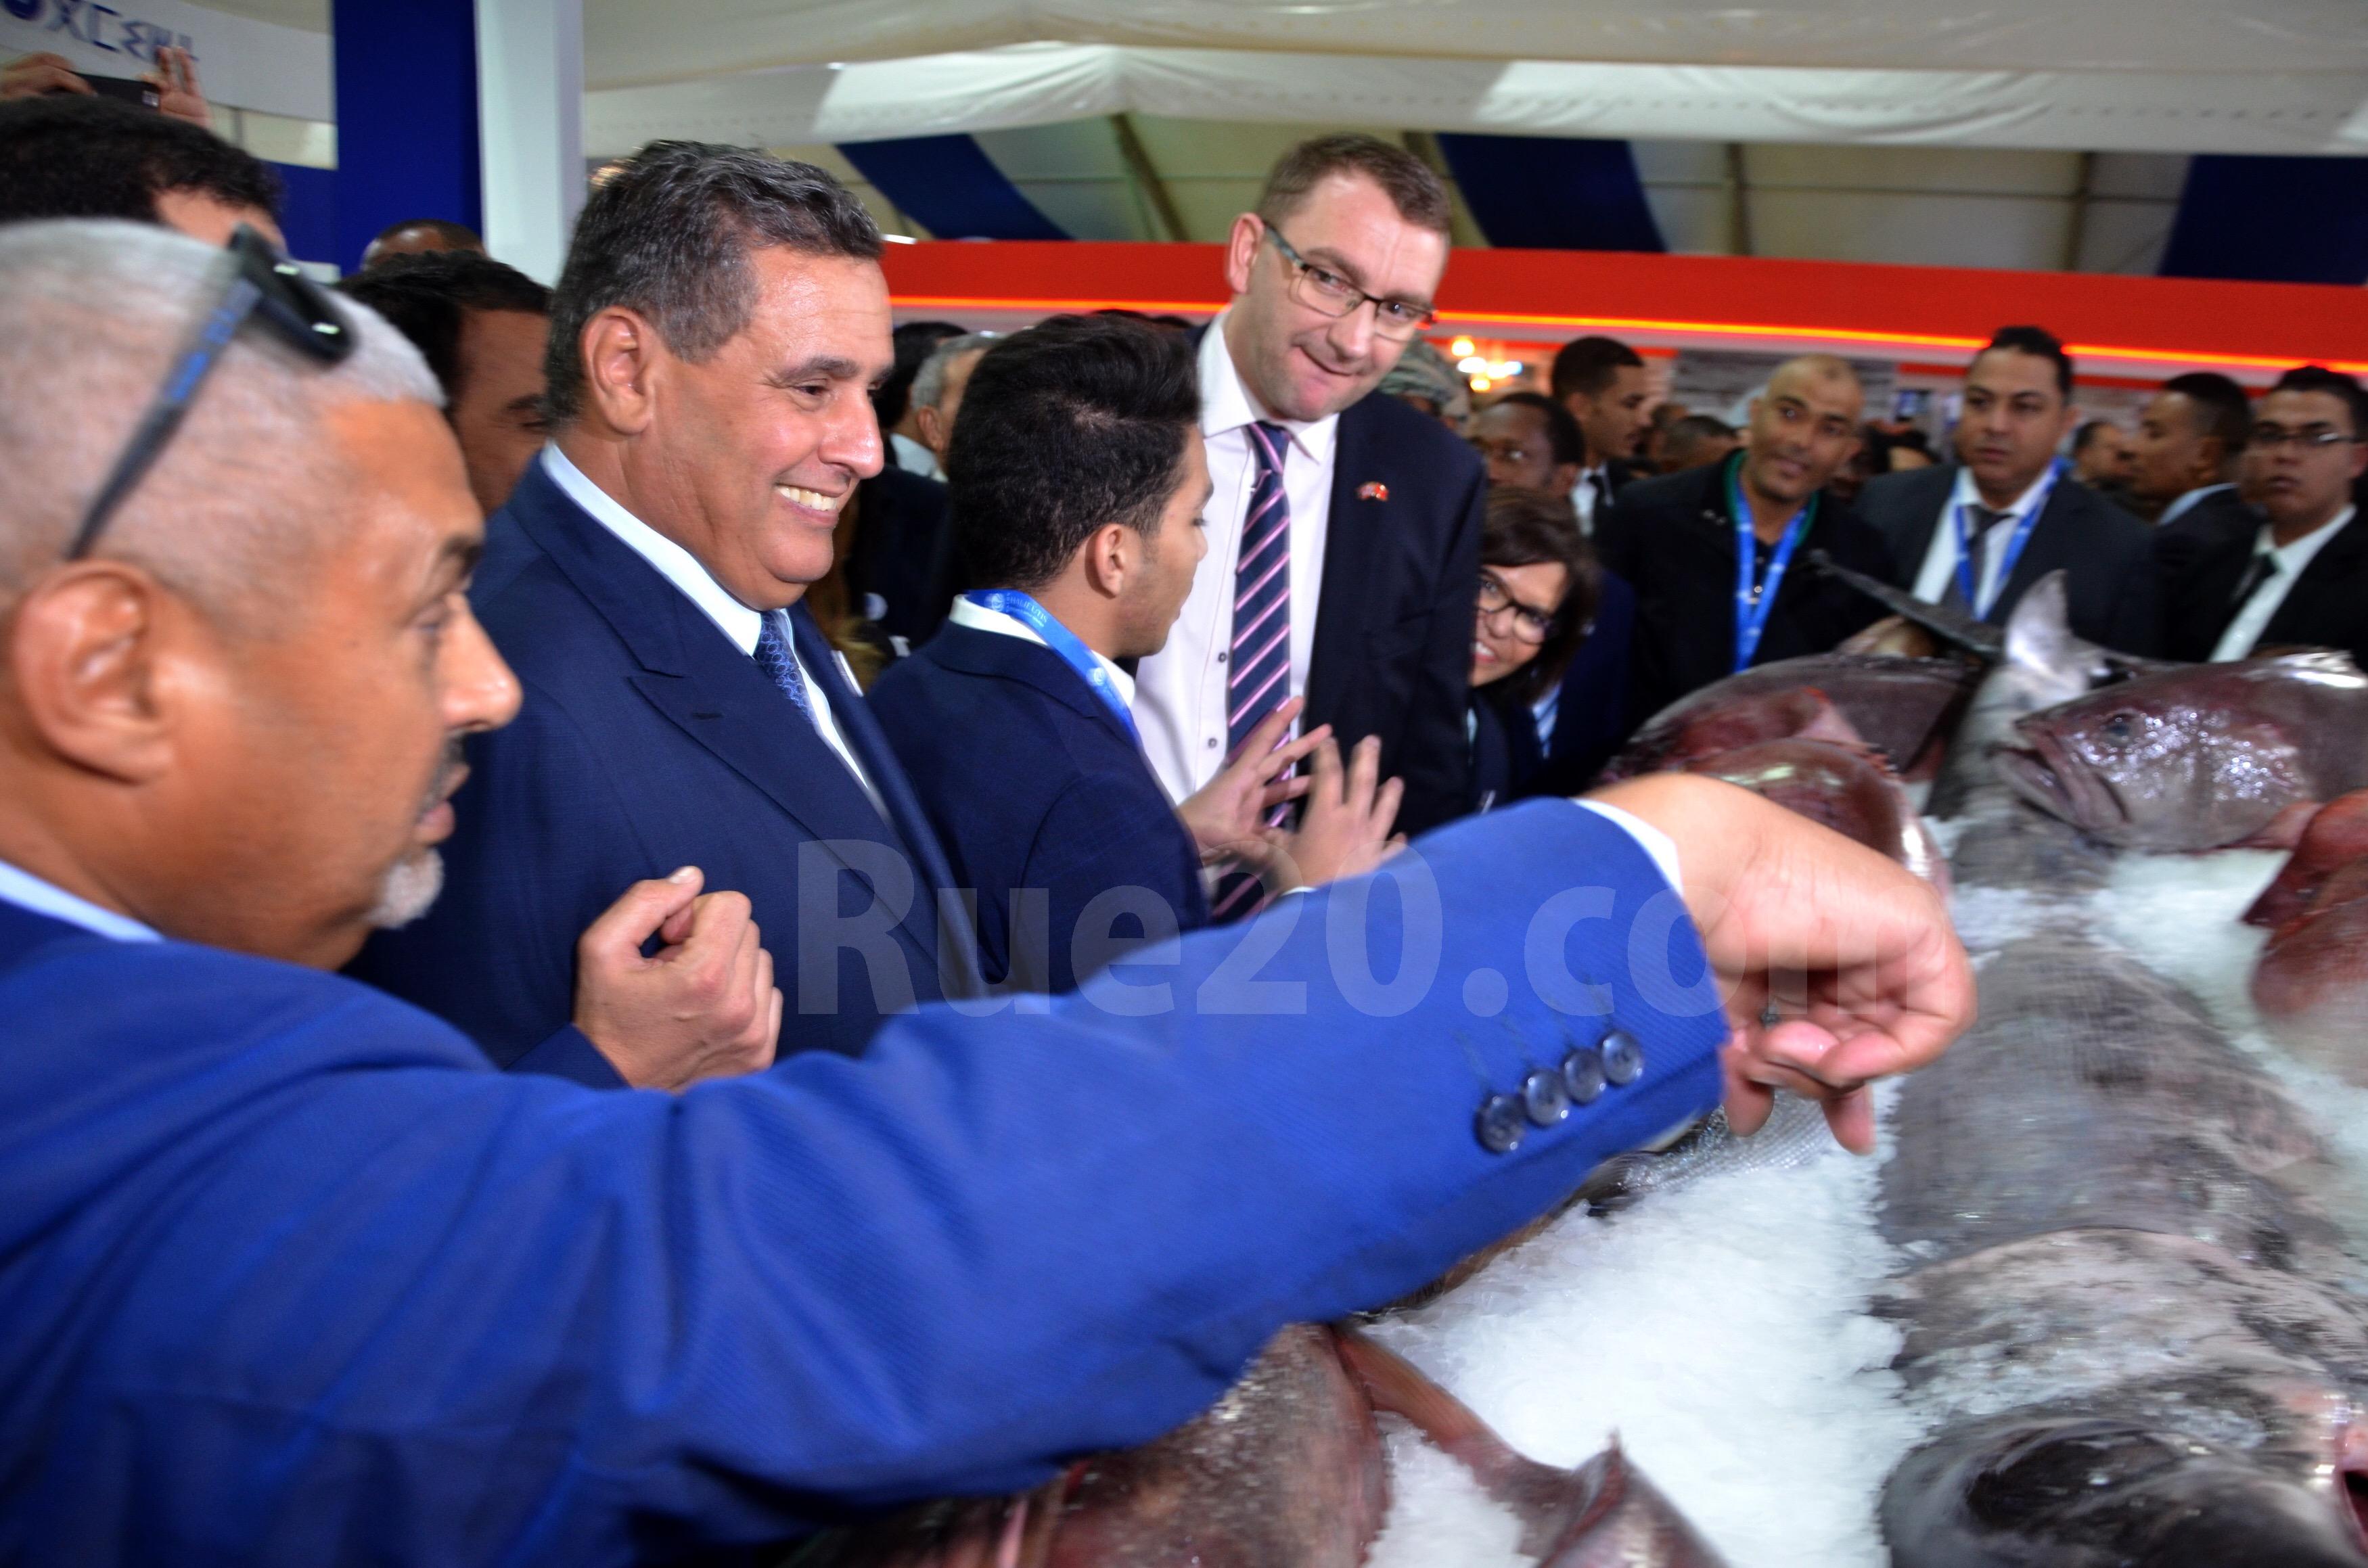 إرتياح لمستوى التعاون المغربي الإسباني في قطاع الصيد البحري